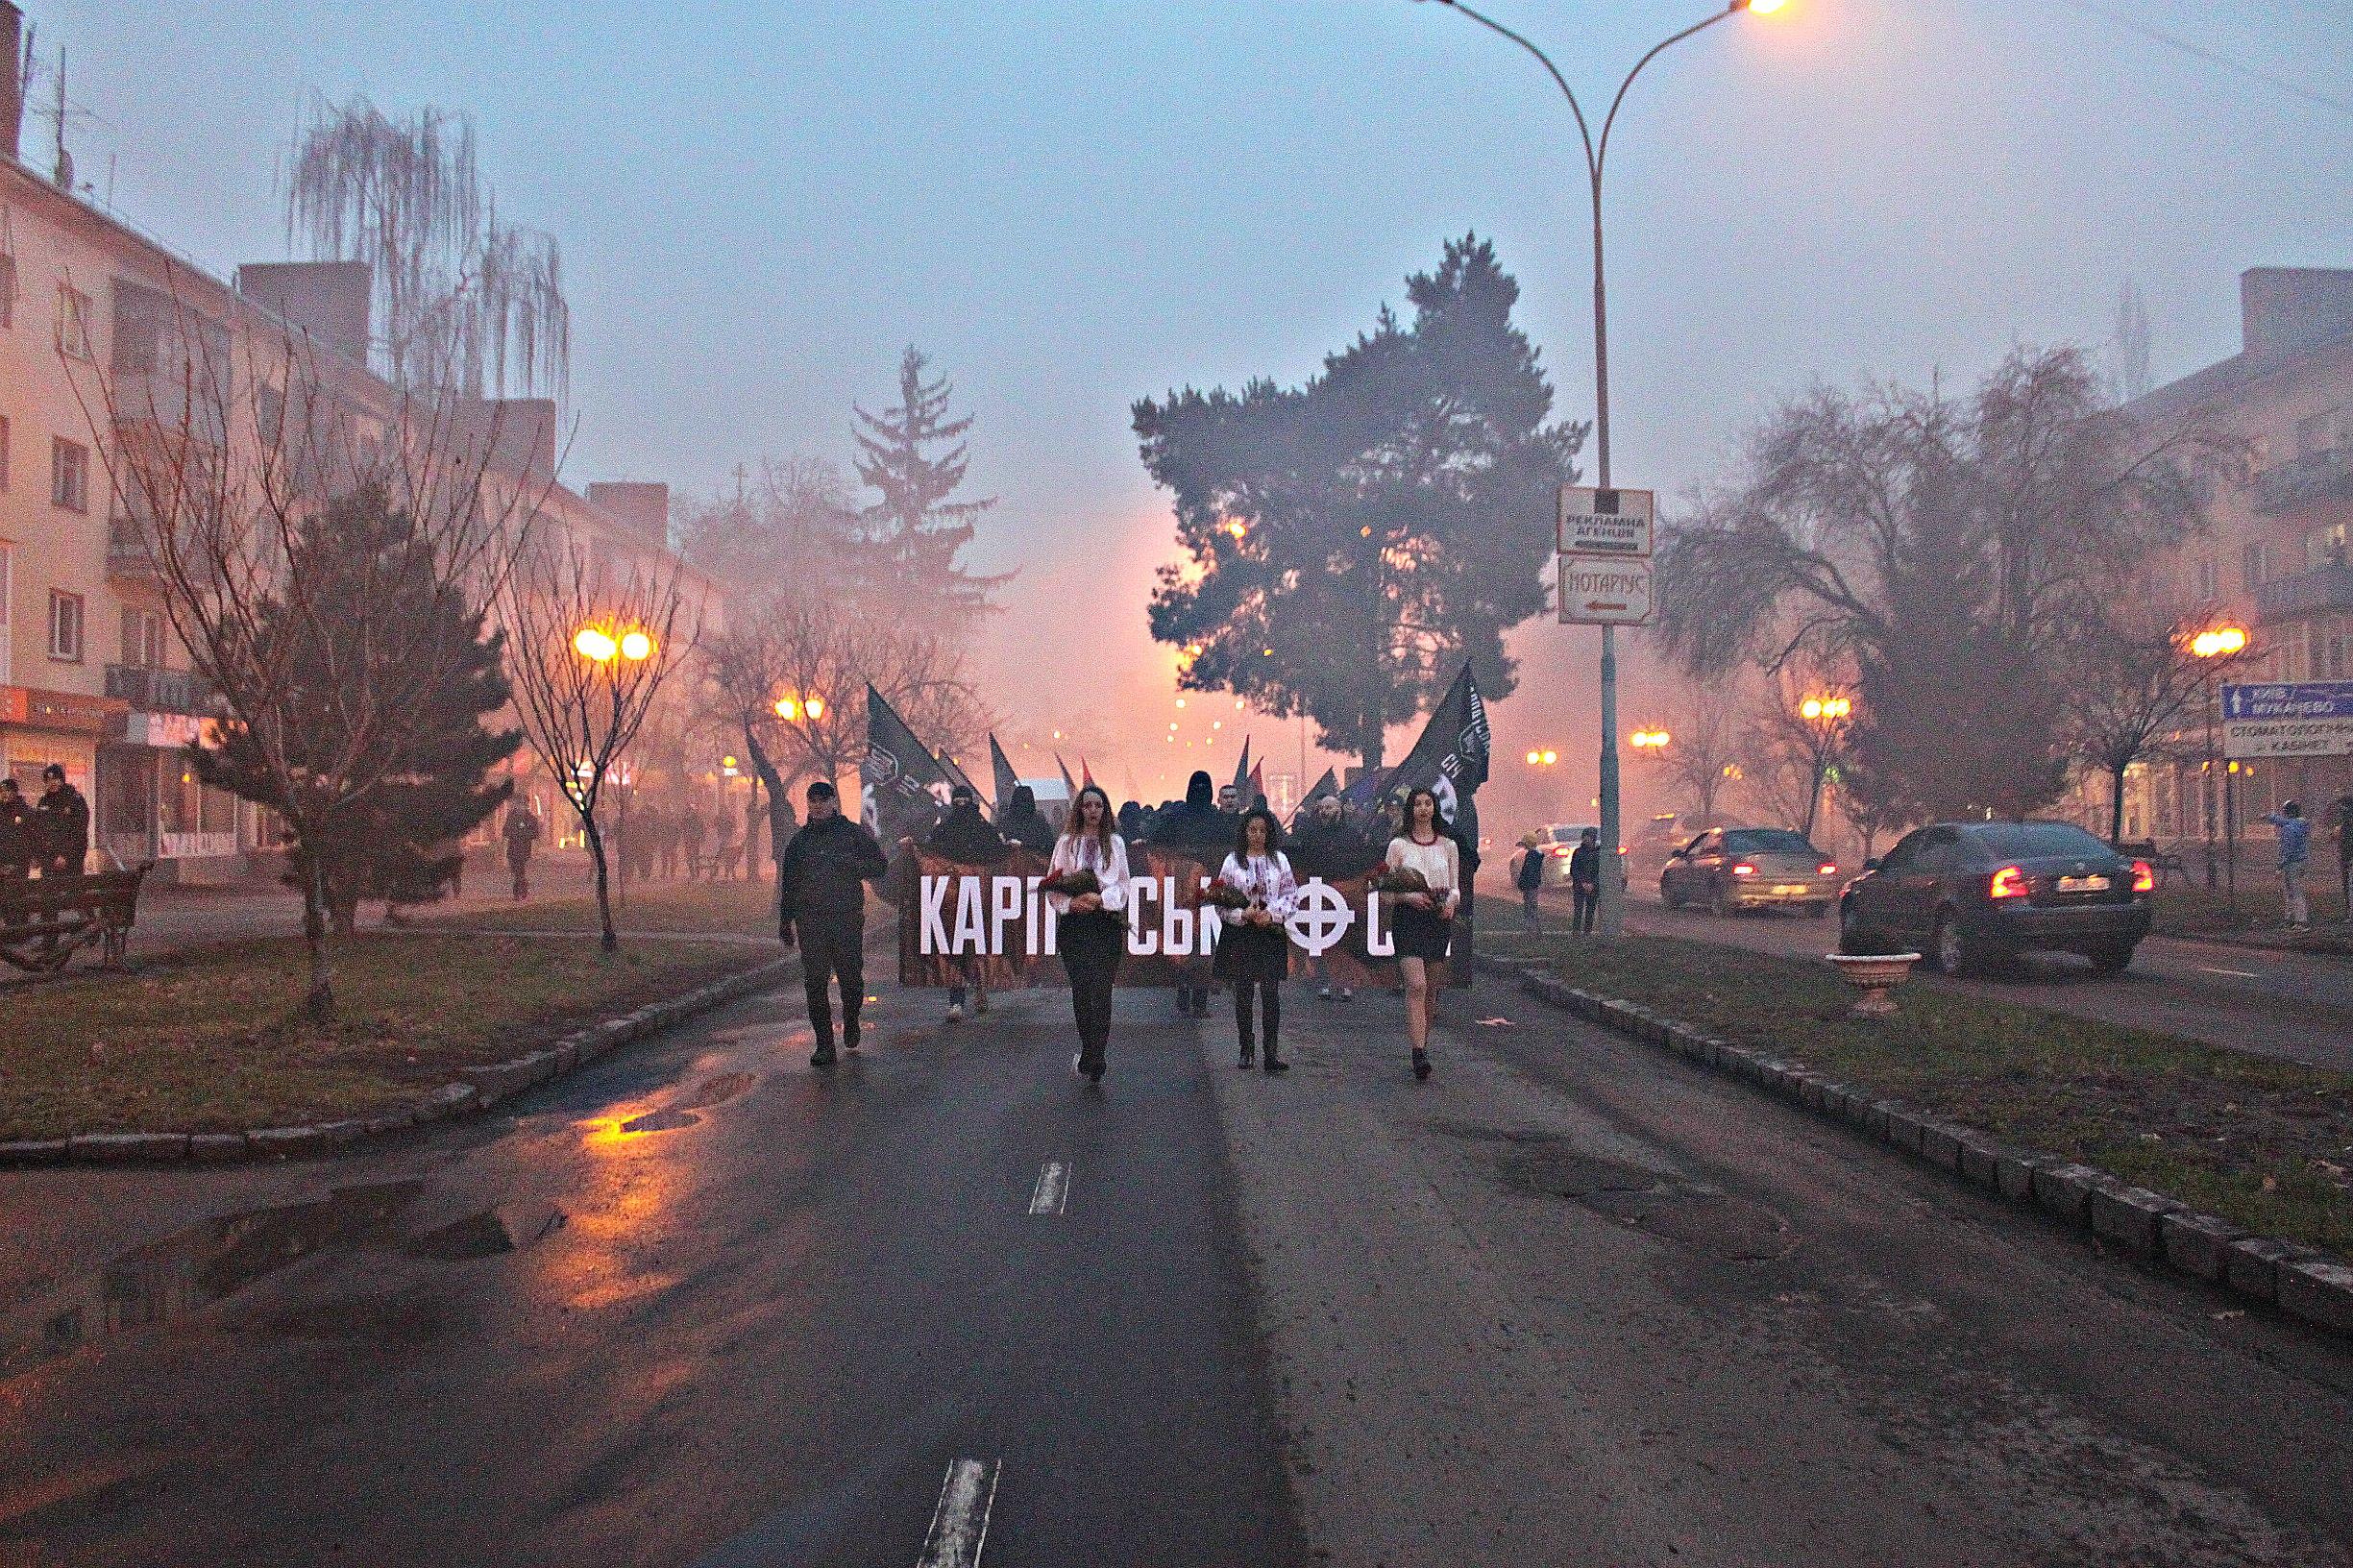 Karpatszka Szics felvonulása Ungváron, képanyag: 64 kép OWeAWriw7IM